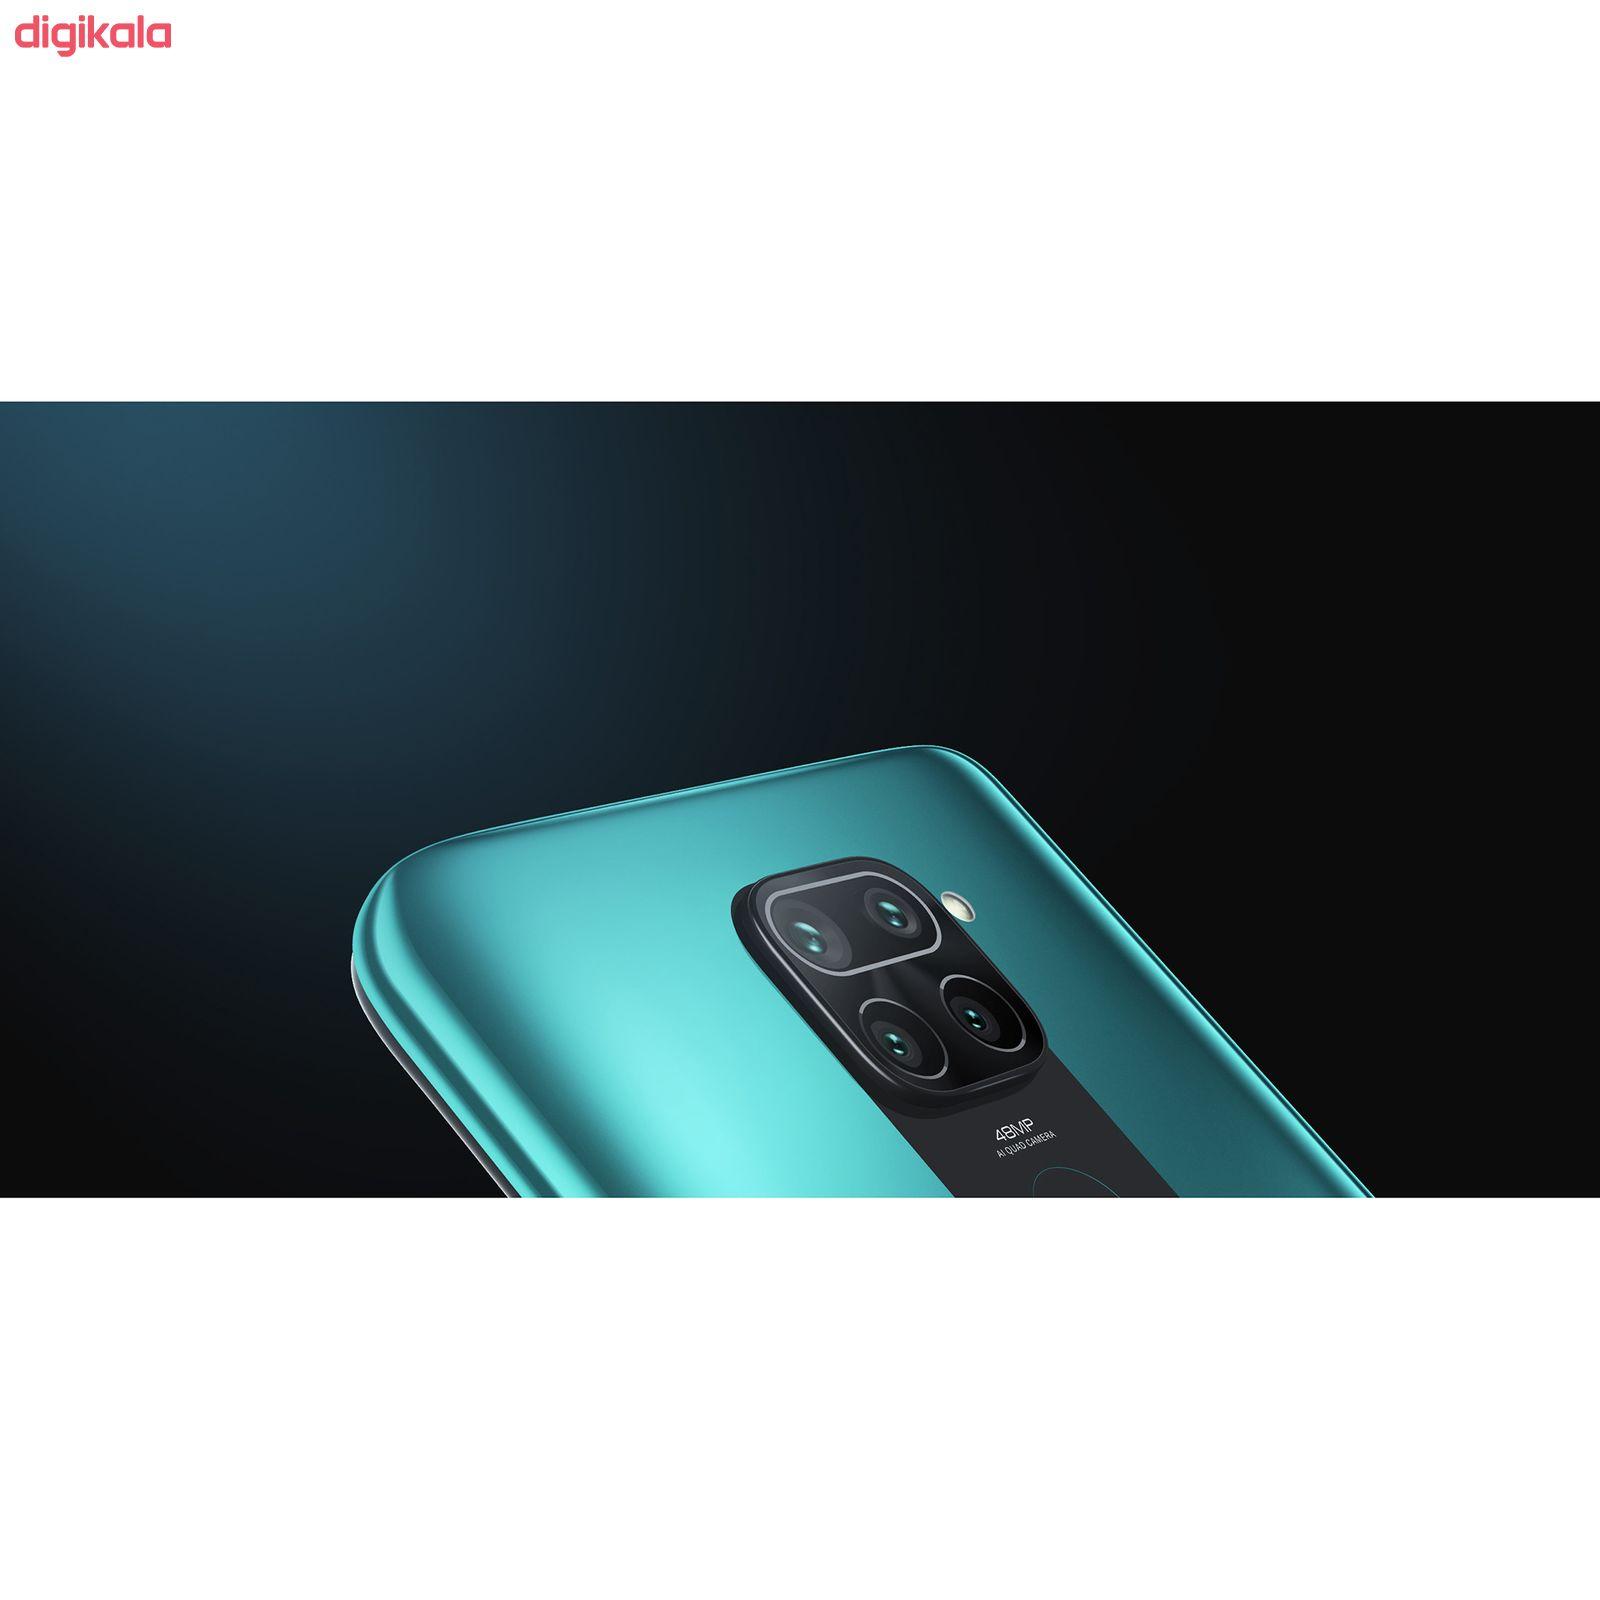 مشخصات قیمت و خرید گوشی موبایل شیائومی مدل Redmi Note 9 M2003j15sg دو سیم کارت ظرفیت 64 گیگابایت دیجی کالا